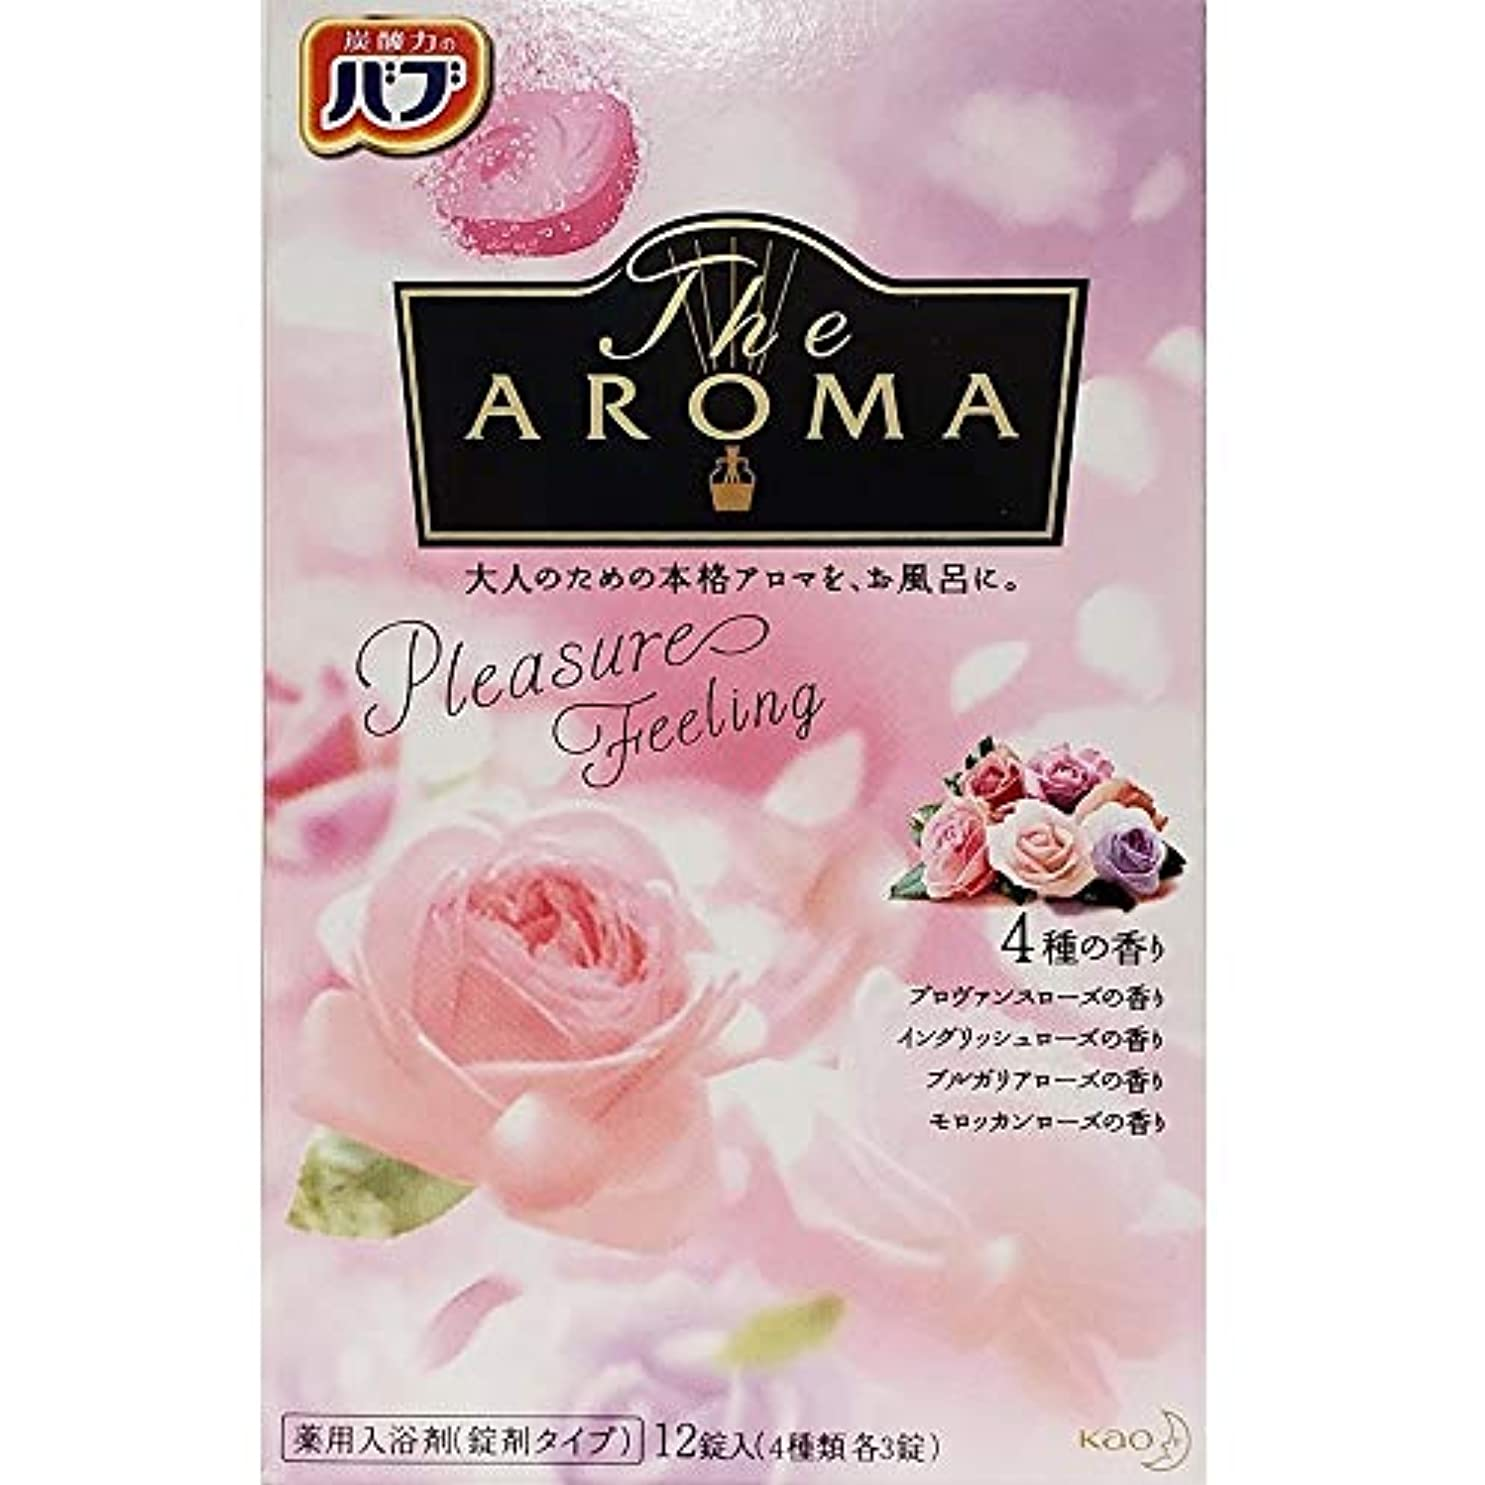 コンピューターを使用するカラスファランクスバブ The Aroma Pleasure Feeling 40g×12錠(4種類 各3錠) 医薬部外品